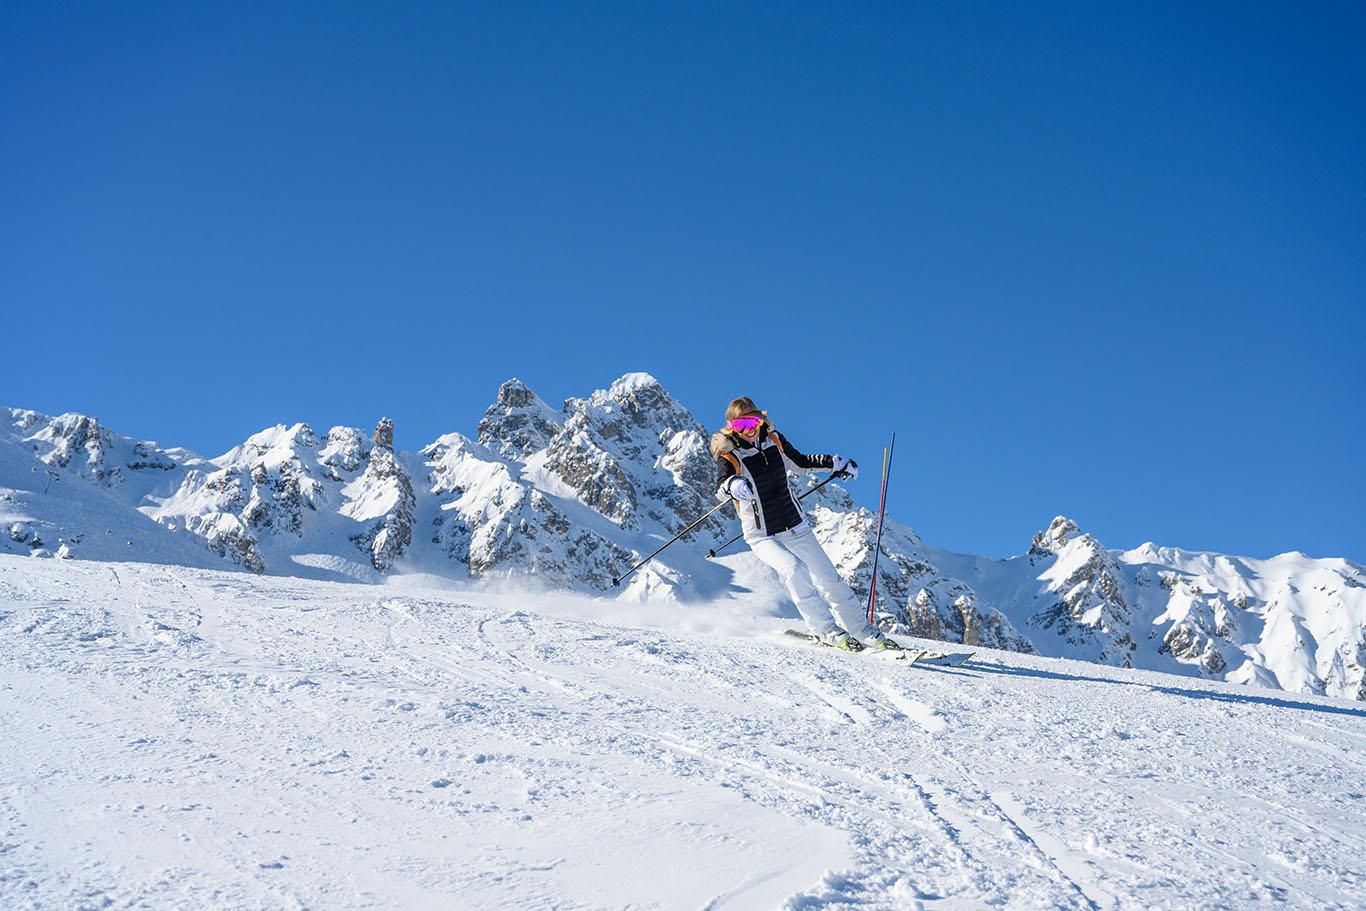 skiing holiday 2021